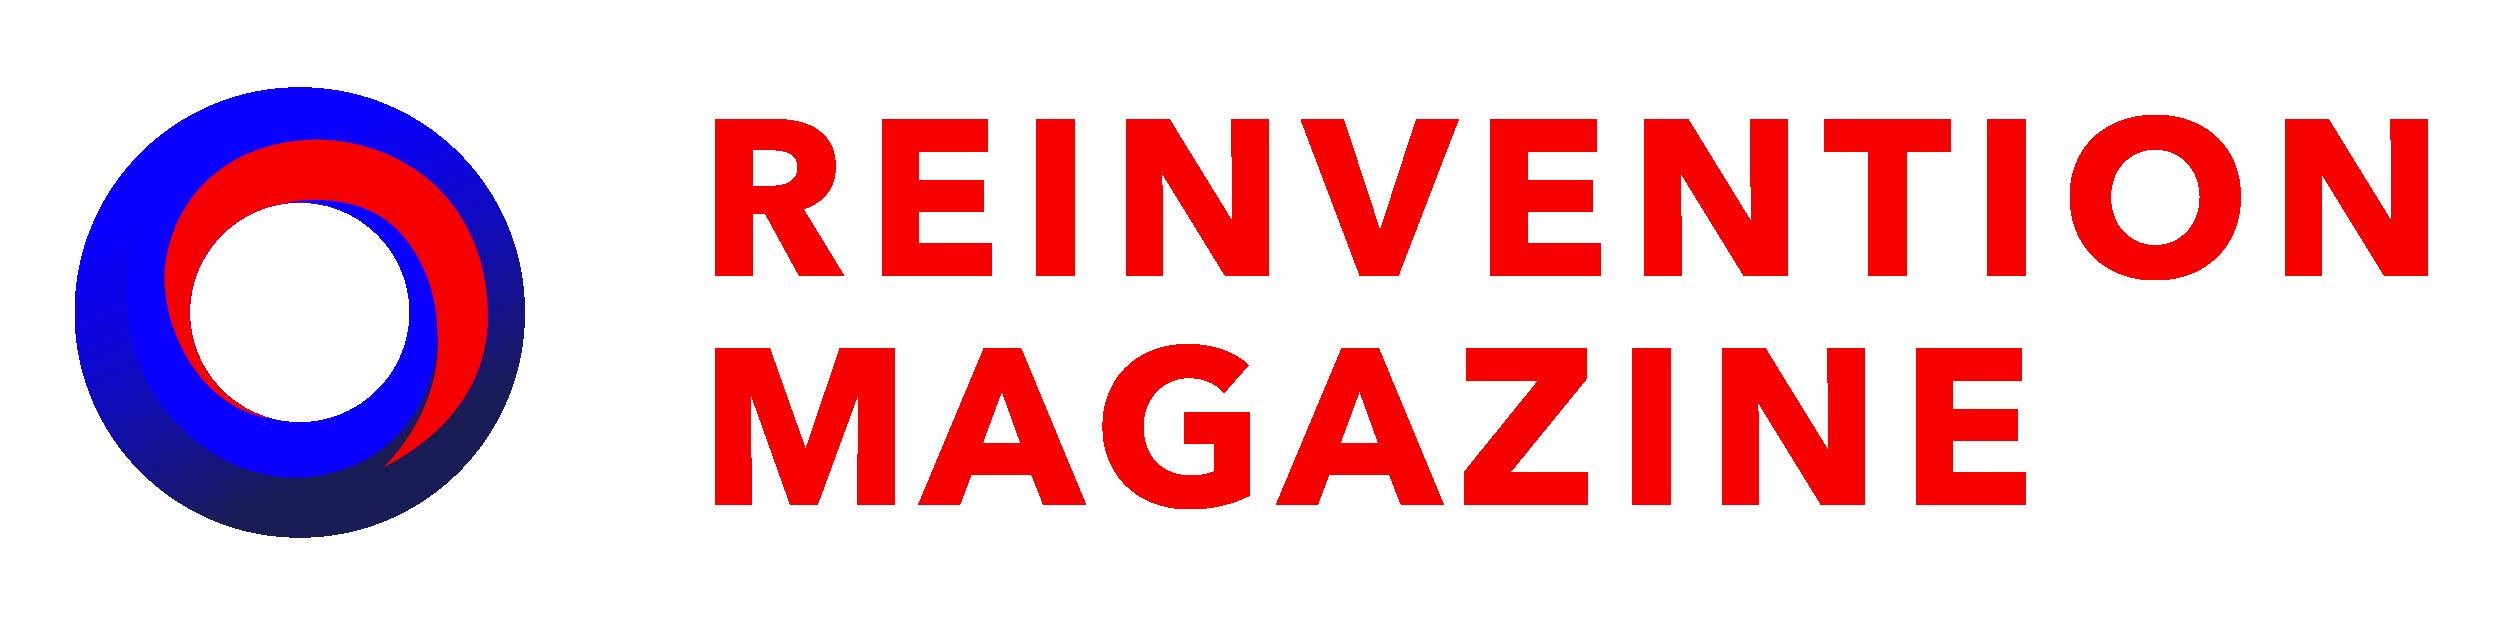 Reinvention Magazine